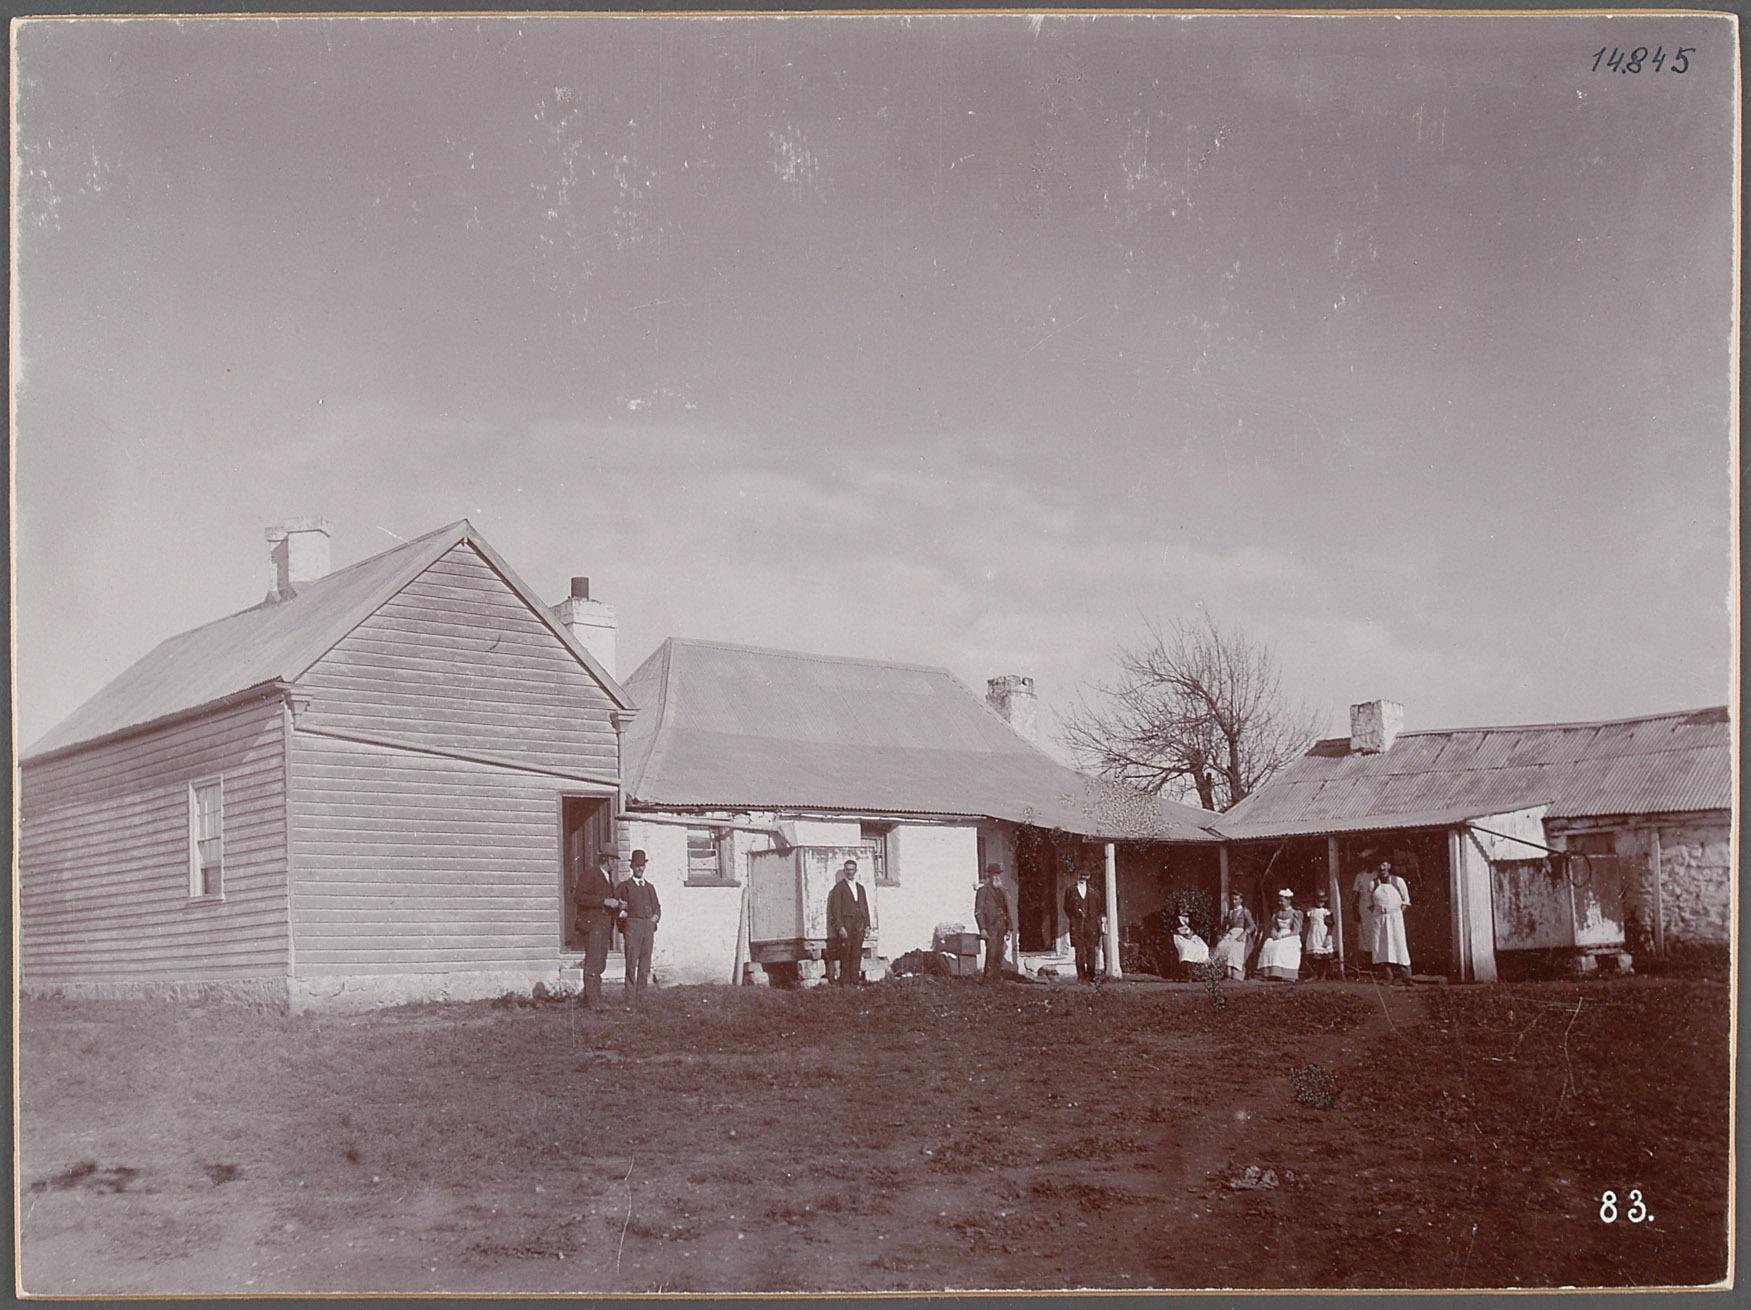 Australien, Arthurs Leigh Badgery Station. 24.V.1893. 24.5.1893,  Farmhaus von Eduard Hodek jun.